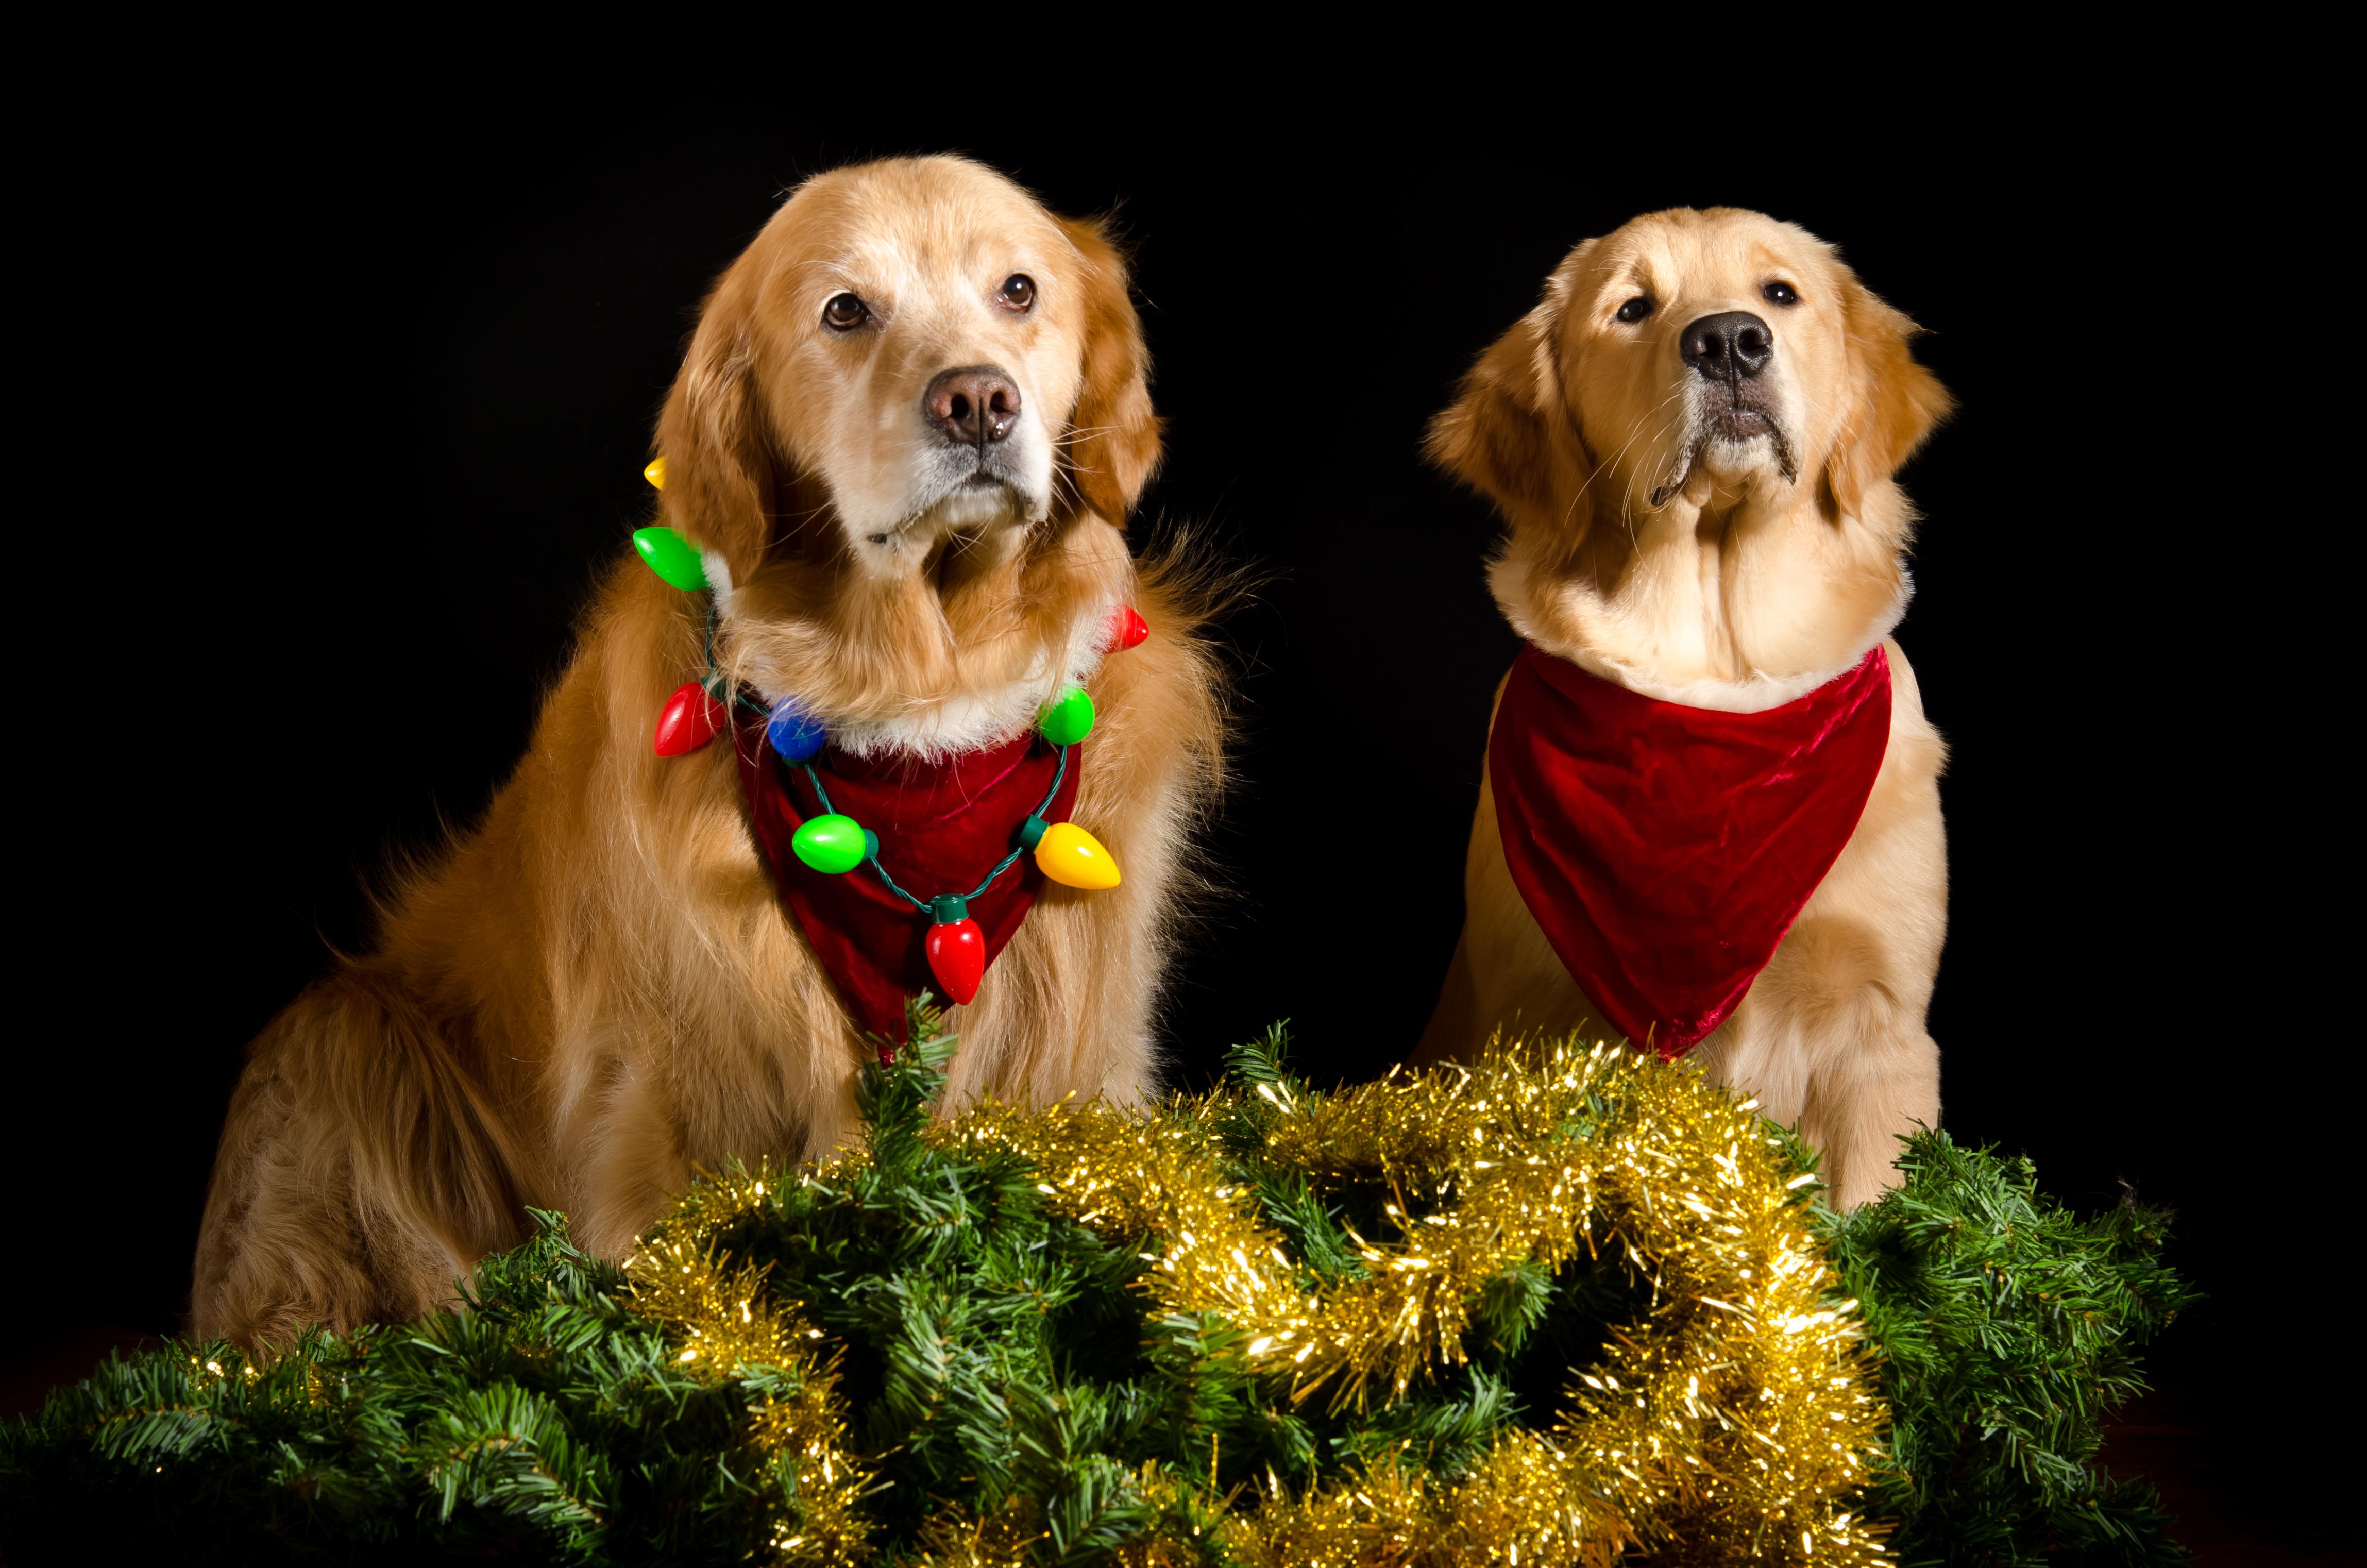 Perros con adornos Navidad - 4594x3043